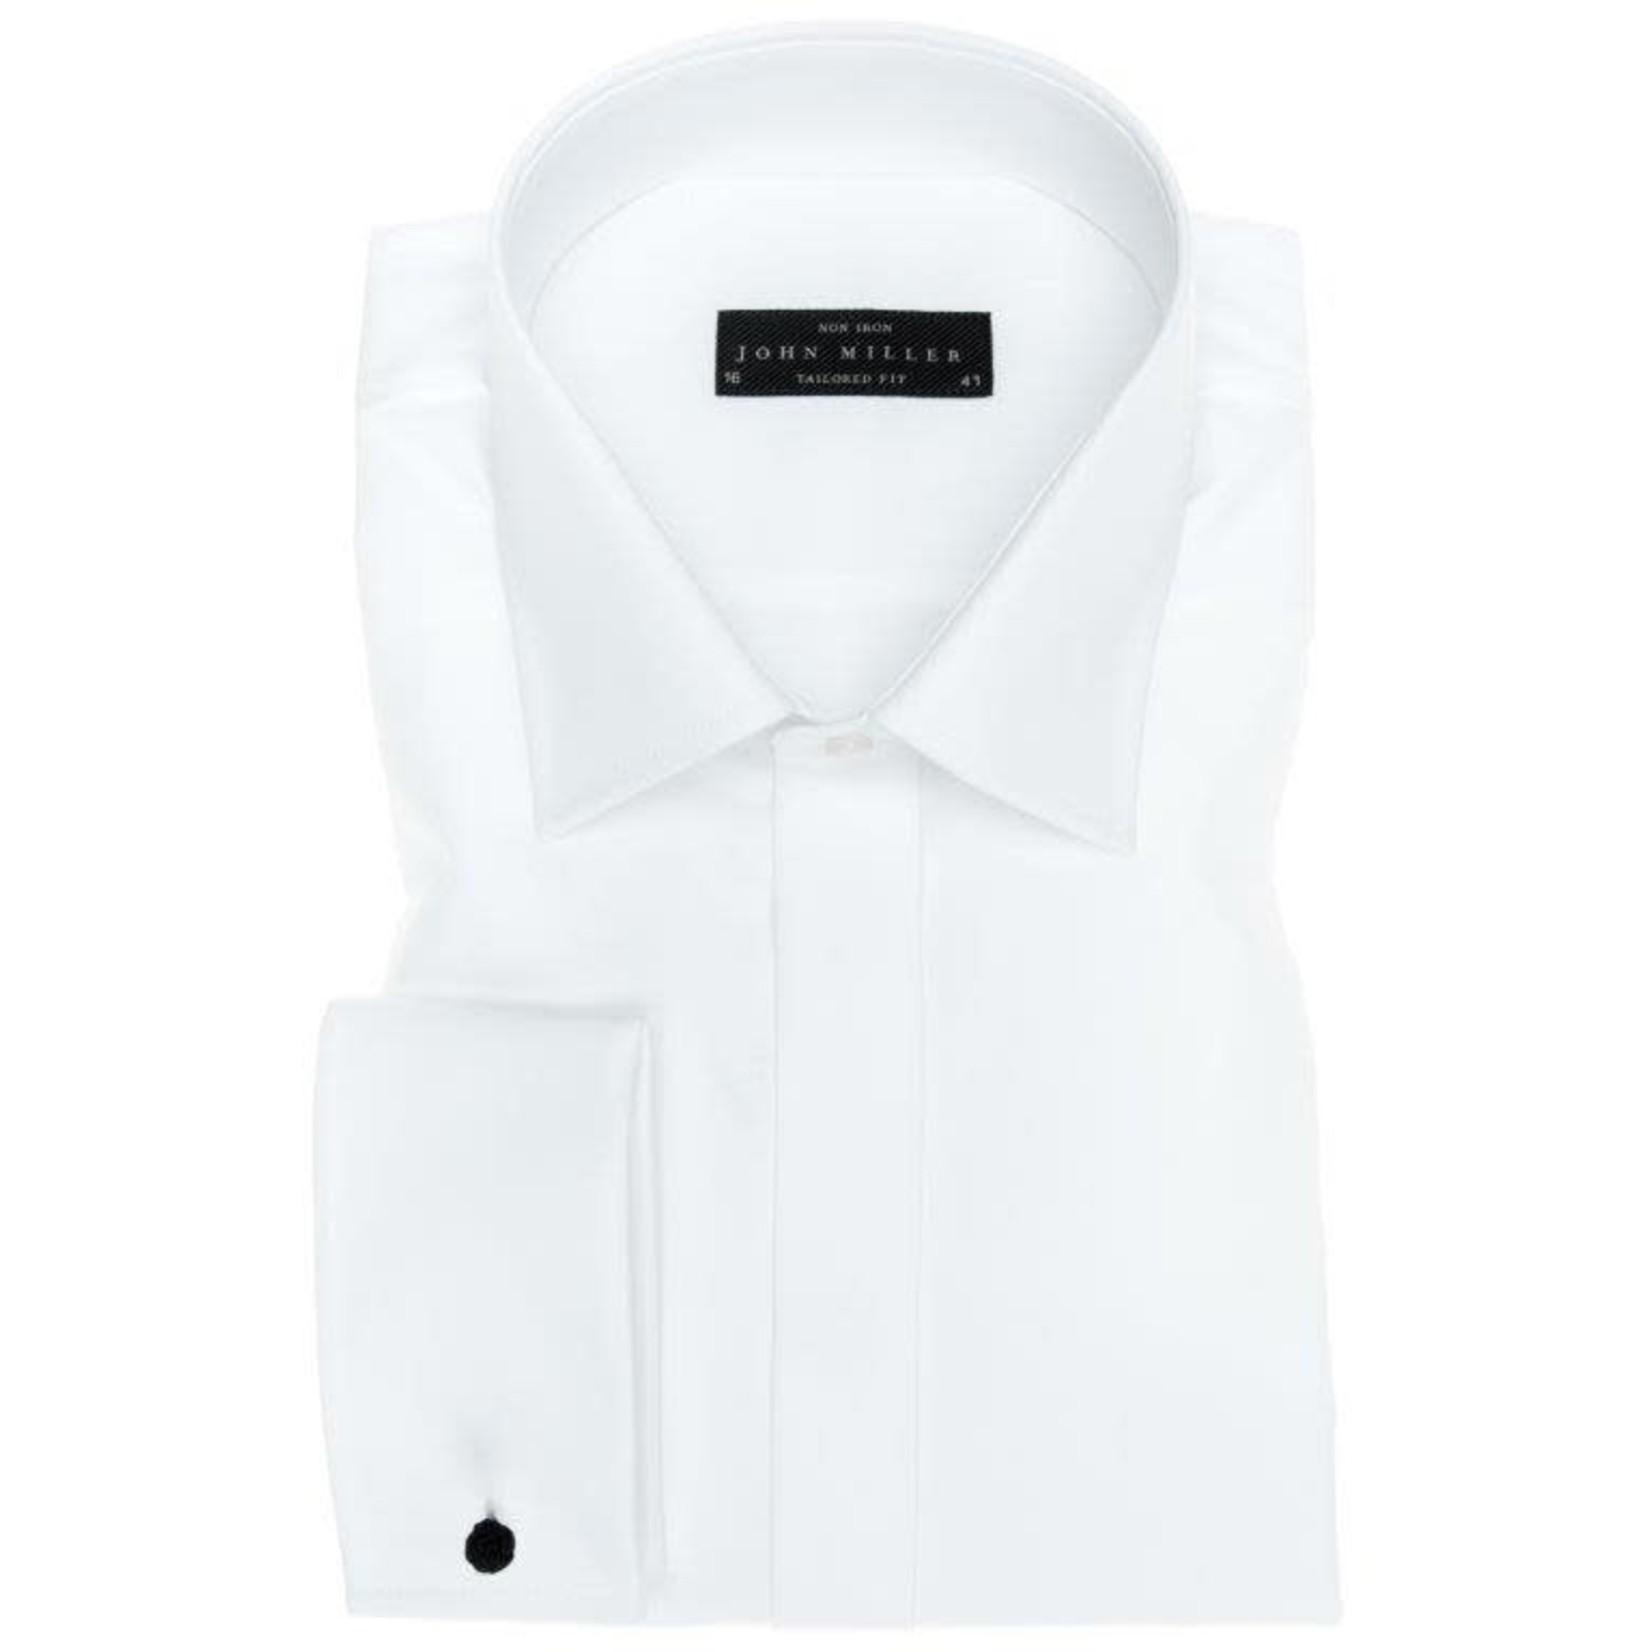 John Miller tailored fit overhemd wit met dubbele manchet en semi spread boord